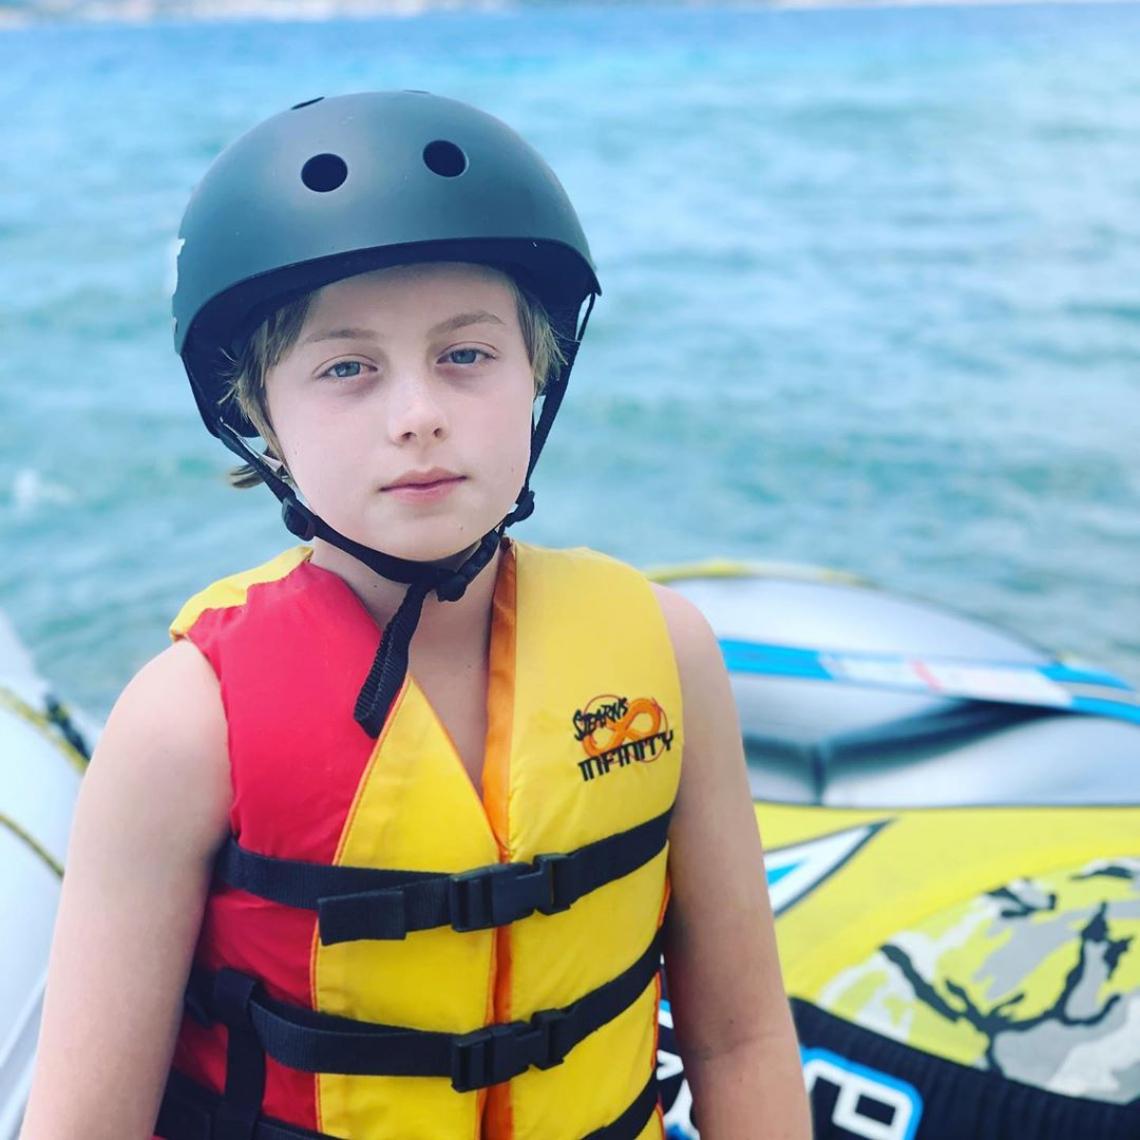 Após acidente, filho de Luciano Huck e Angélica volta a praticar wakeboard.